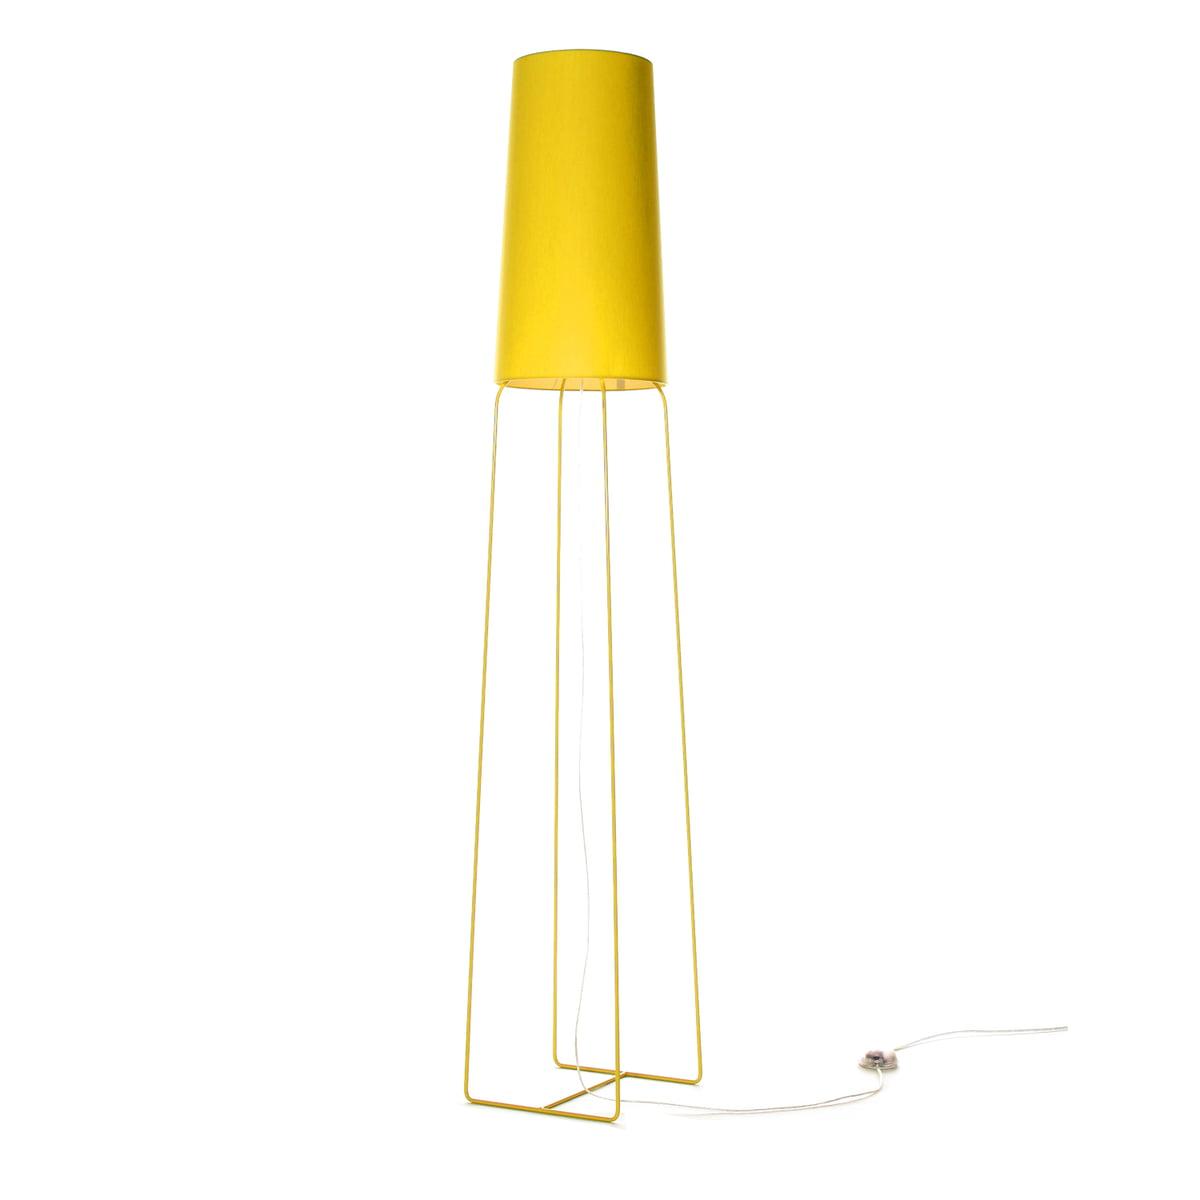 Slimsophie Standard Lamp By Fraumaier